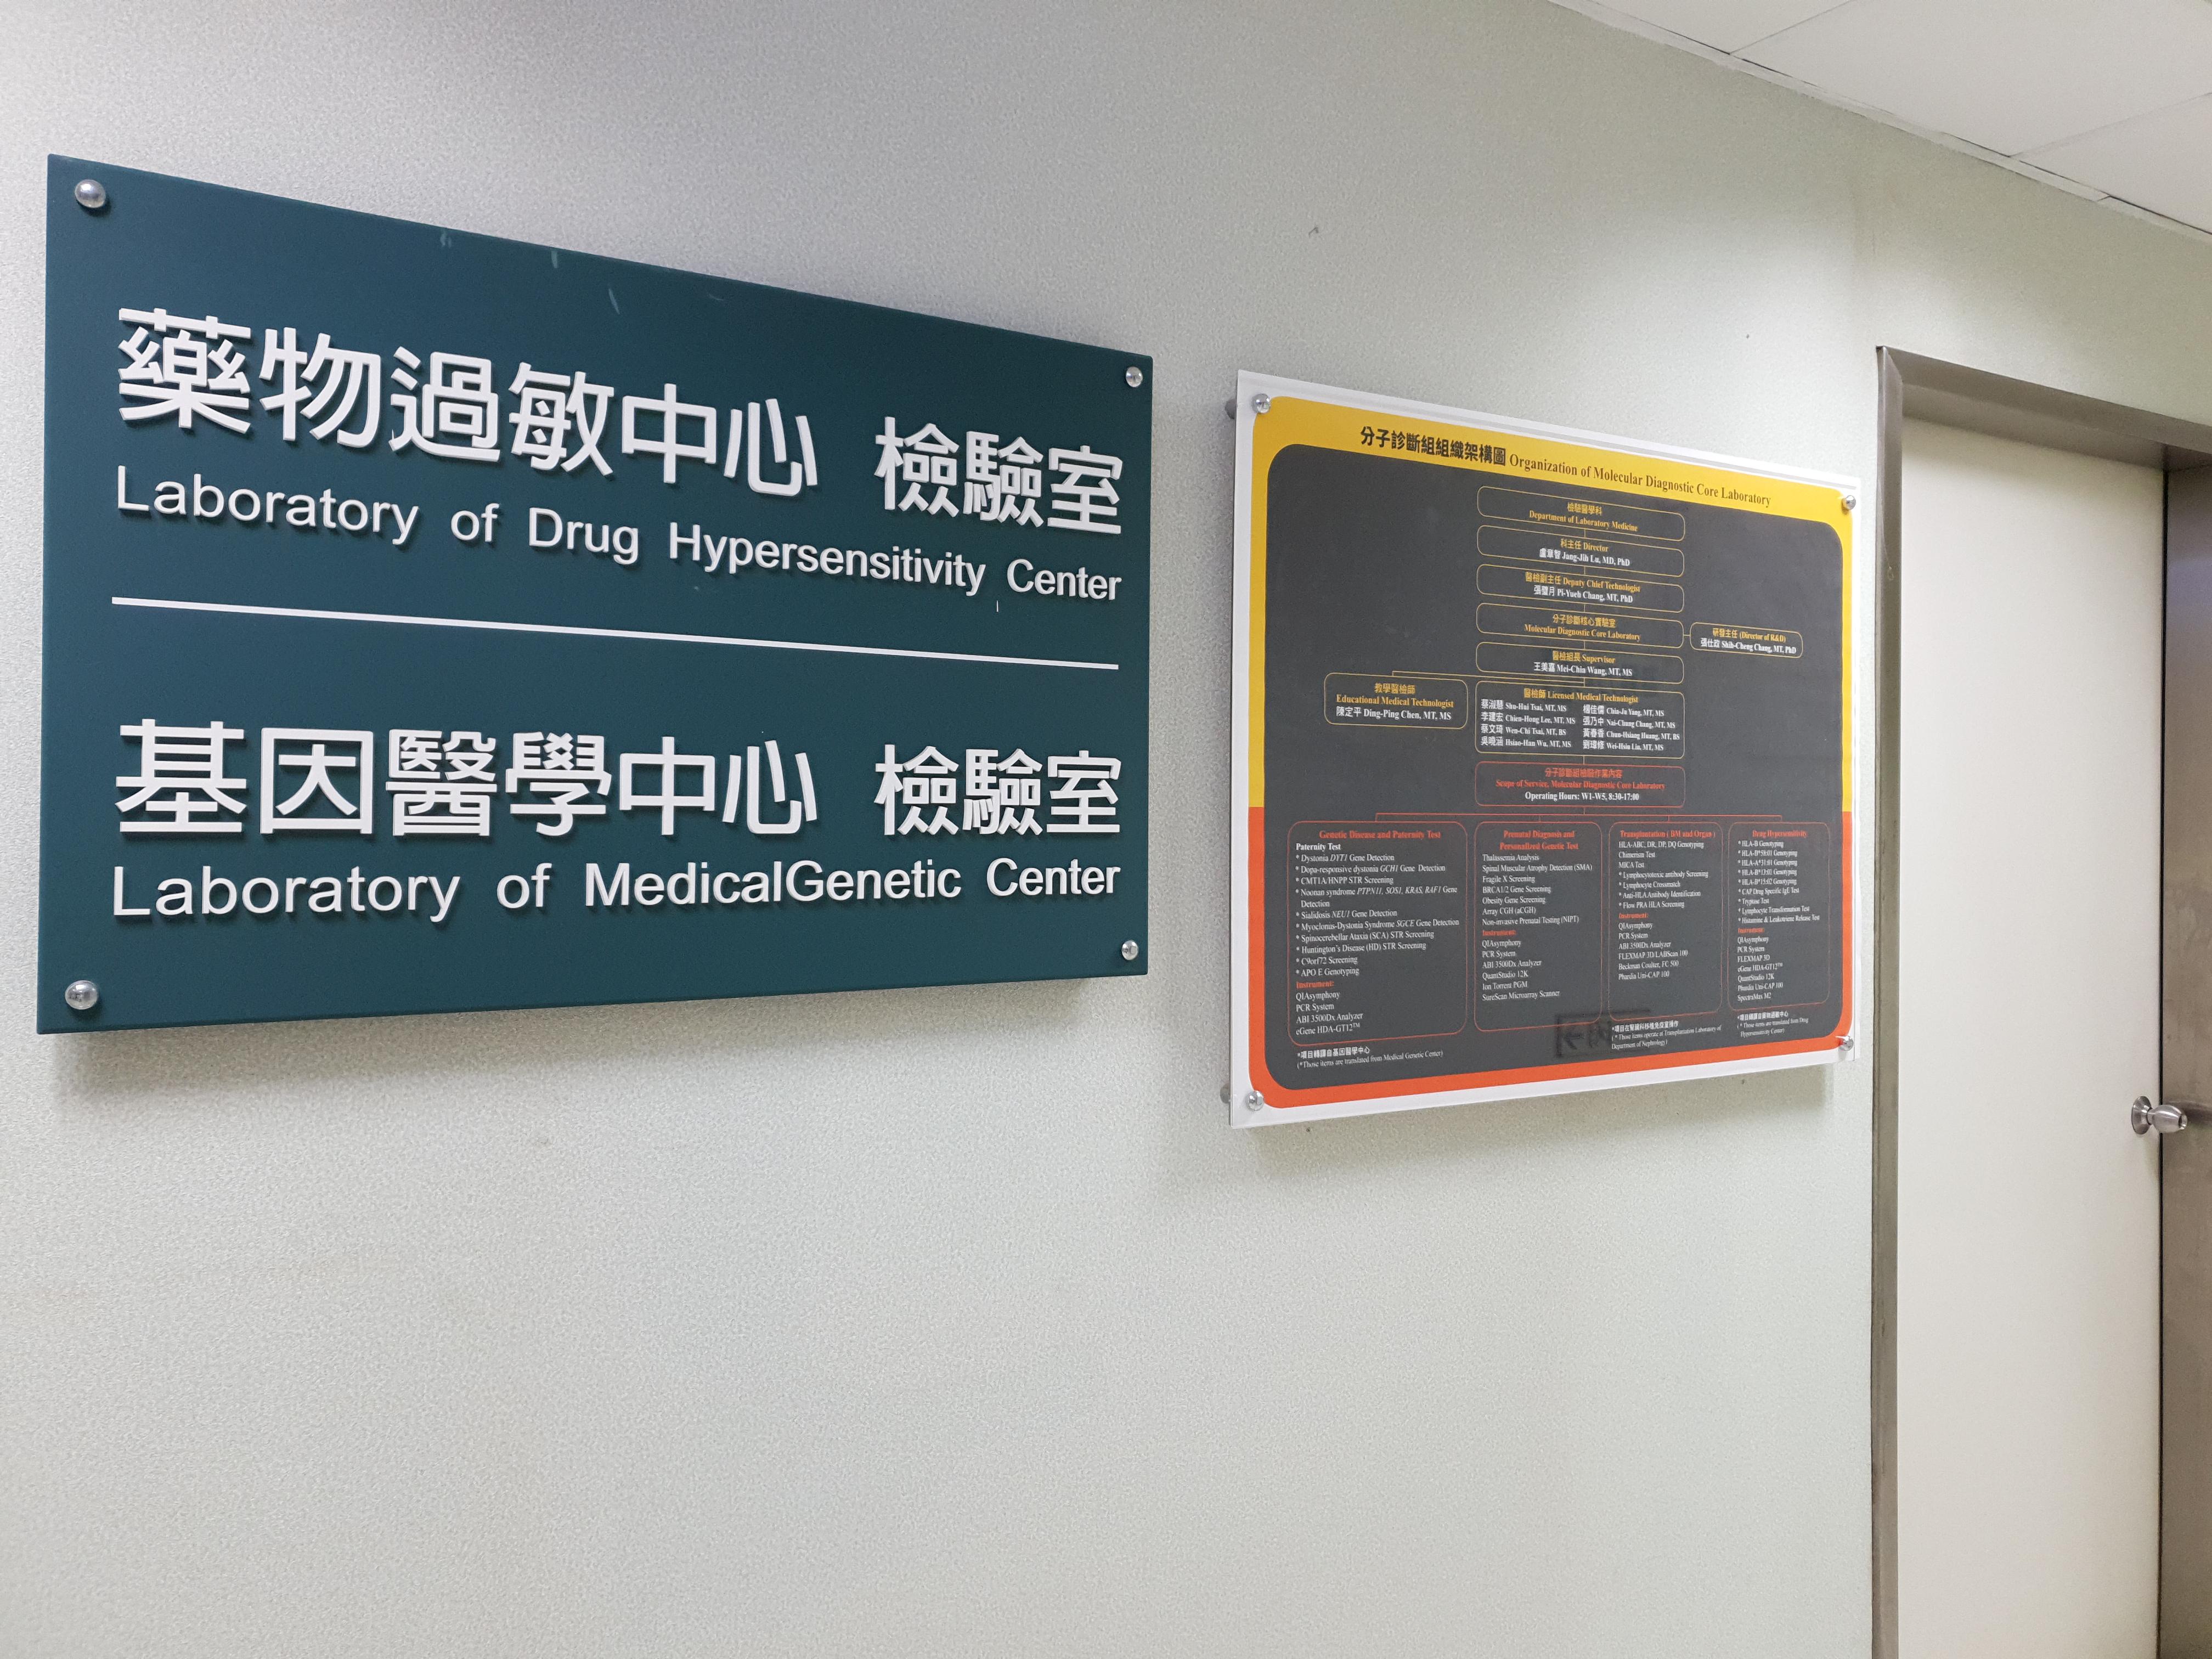 藥物過敏中心檢驗室